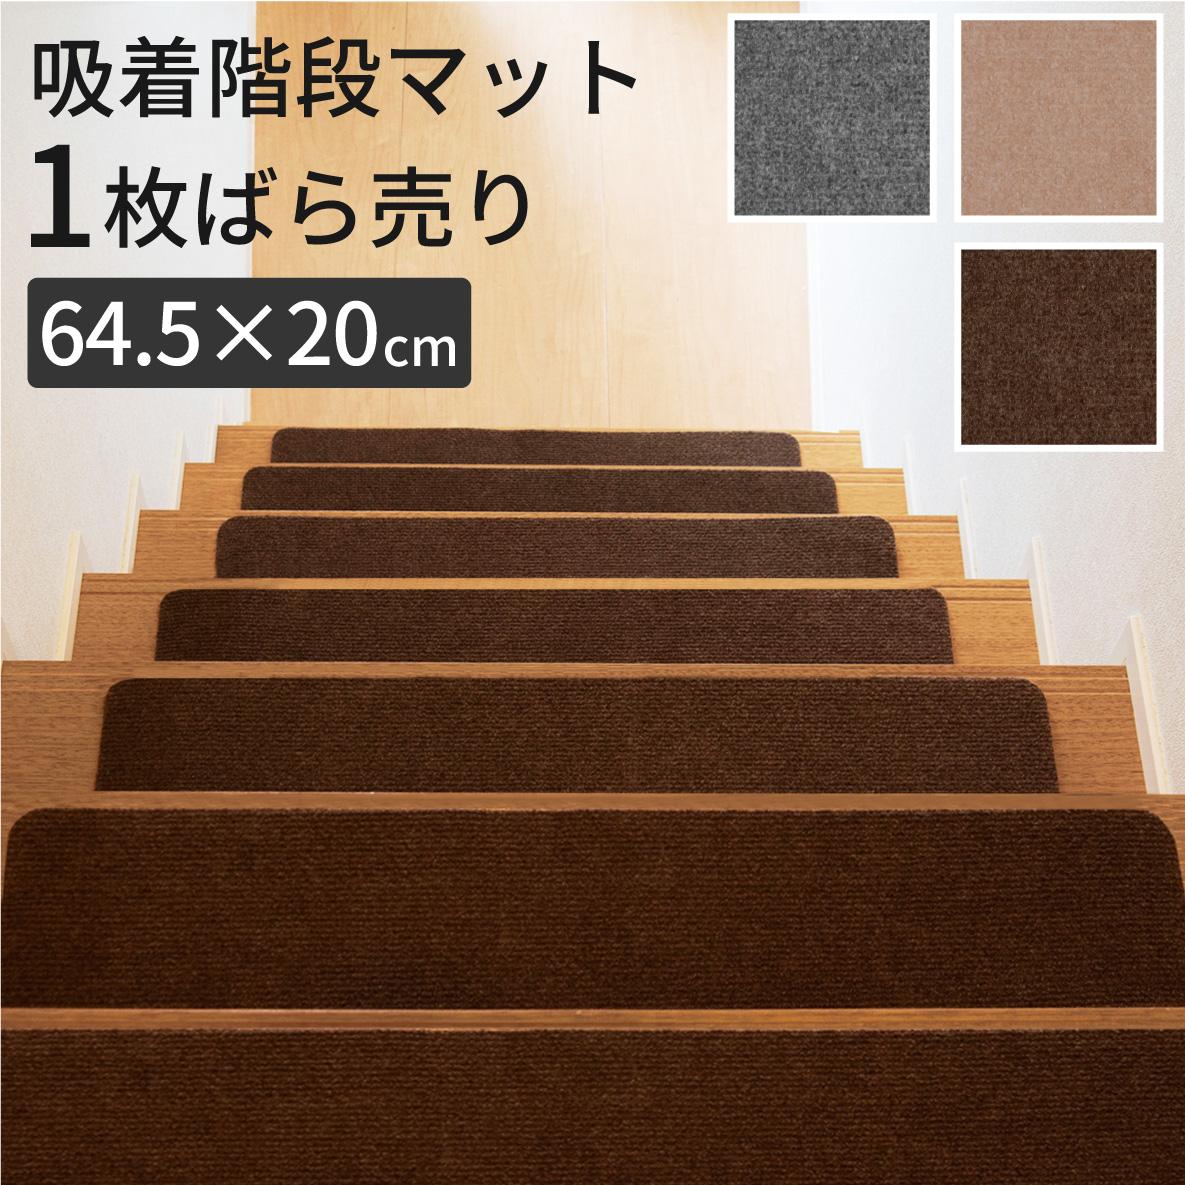 階段 滑り止め マット 1枚 ばら売り階段マット 滑り止めマット 大判 蔵 シンプル 幅広 大きい 上質 ベージュ ブラウンネコポス送料無料